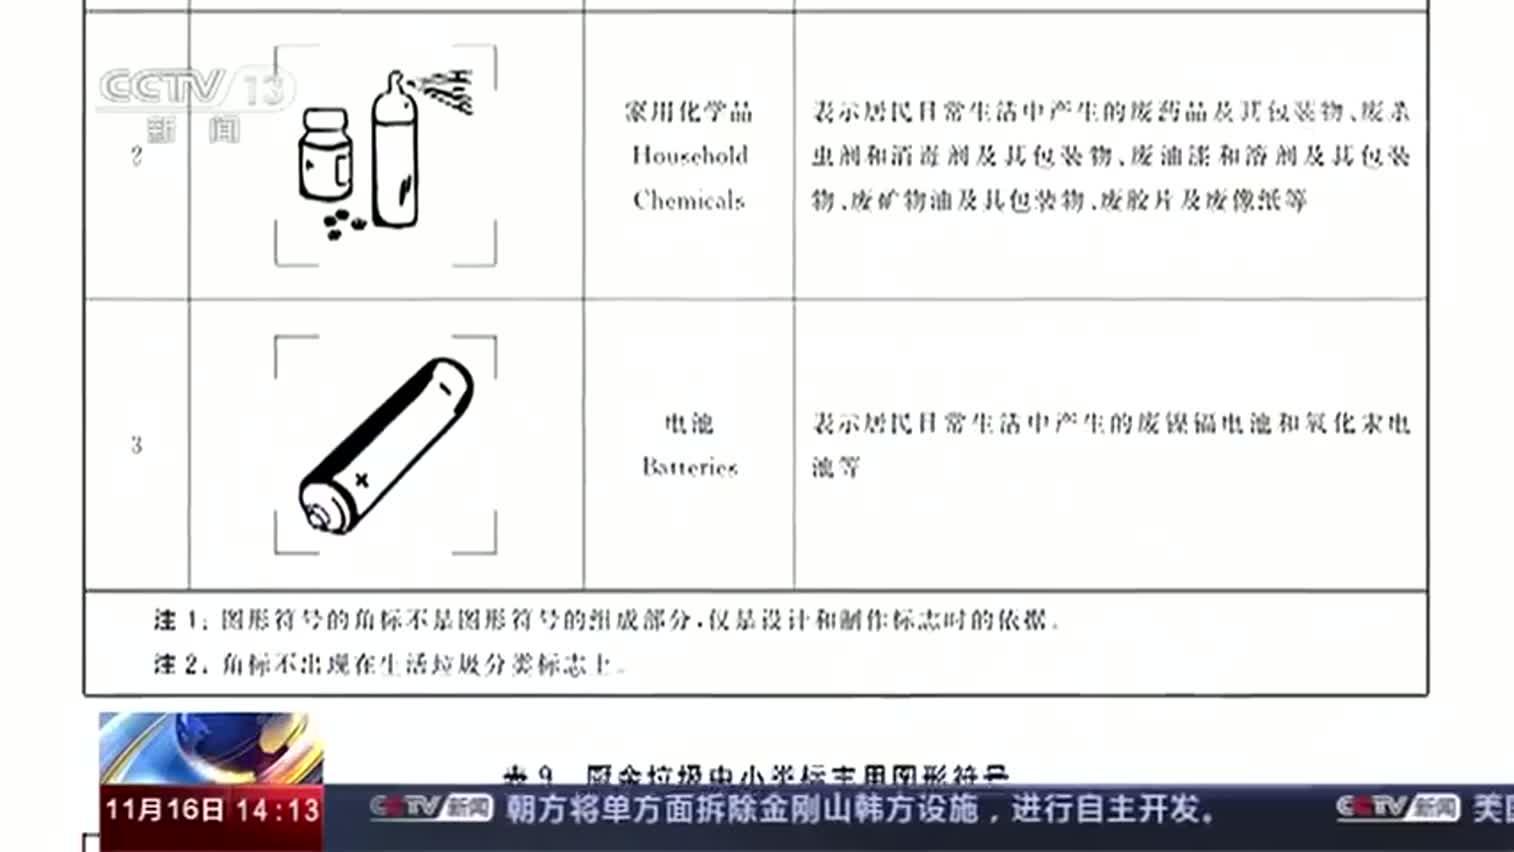 视频-住建部发布新版垃圾分类标准:餐厨垃圾湿垃圾